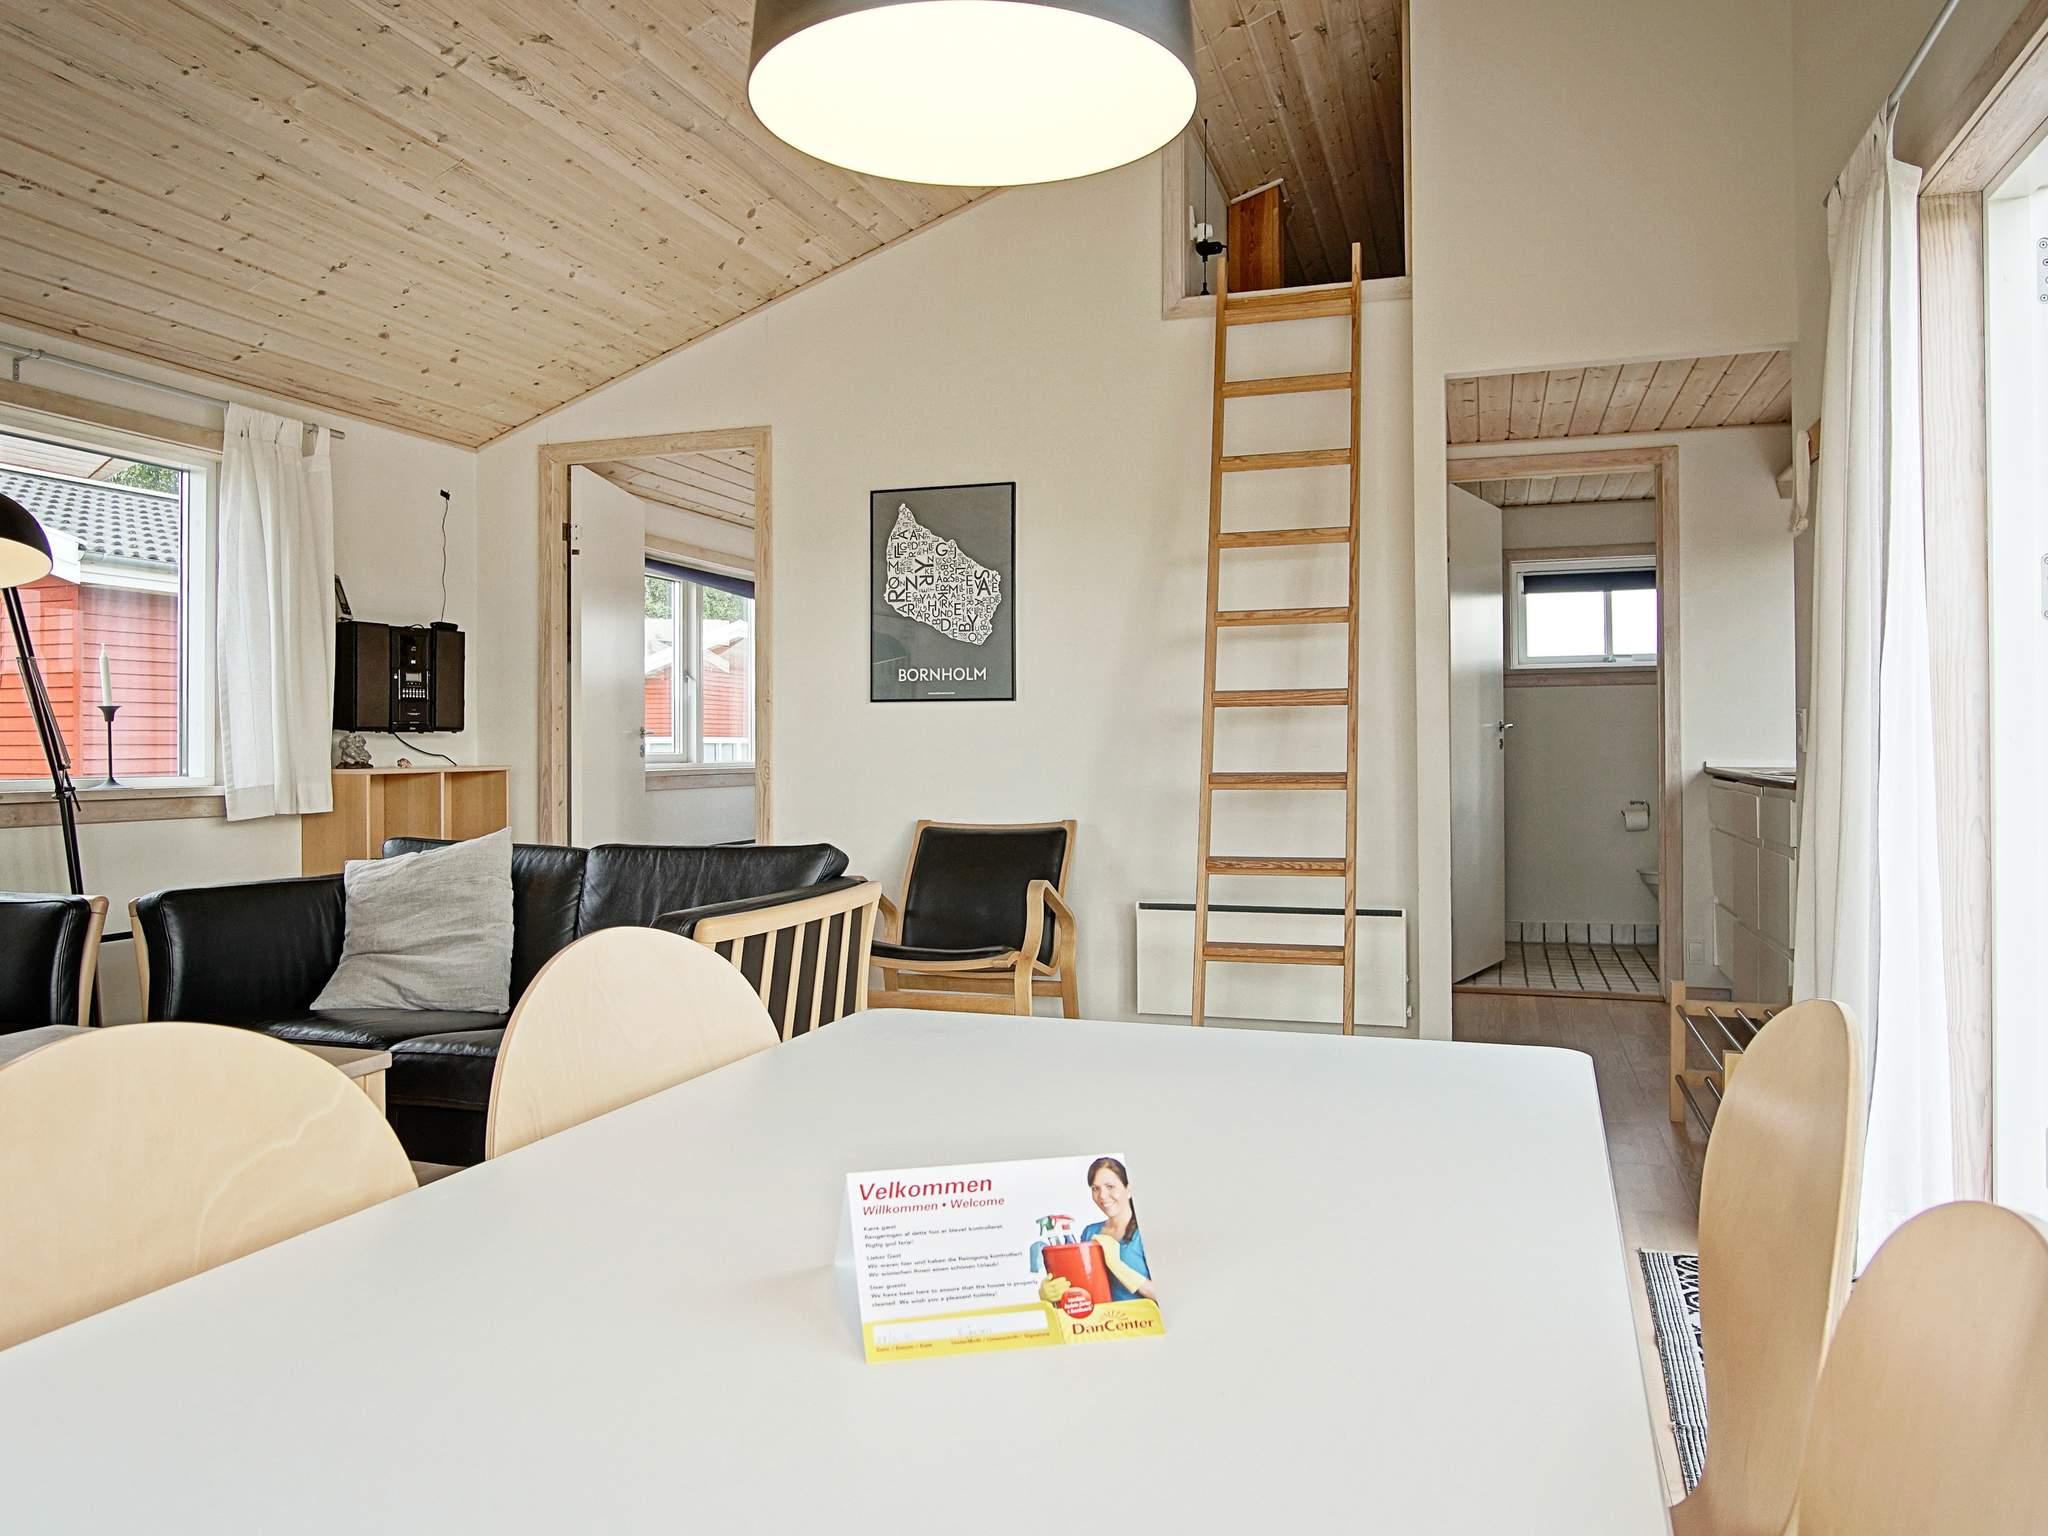 Ferienhaus Rø/Gudhjem (251662), Gudhjem, , Bornholm, Dänemark, Bild 3